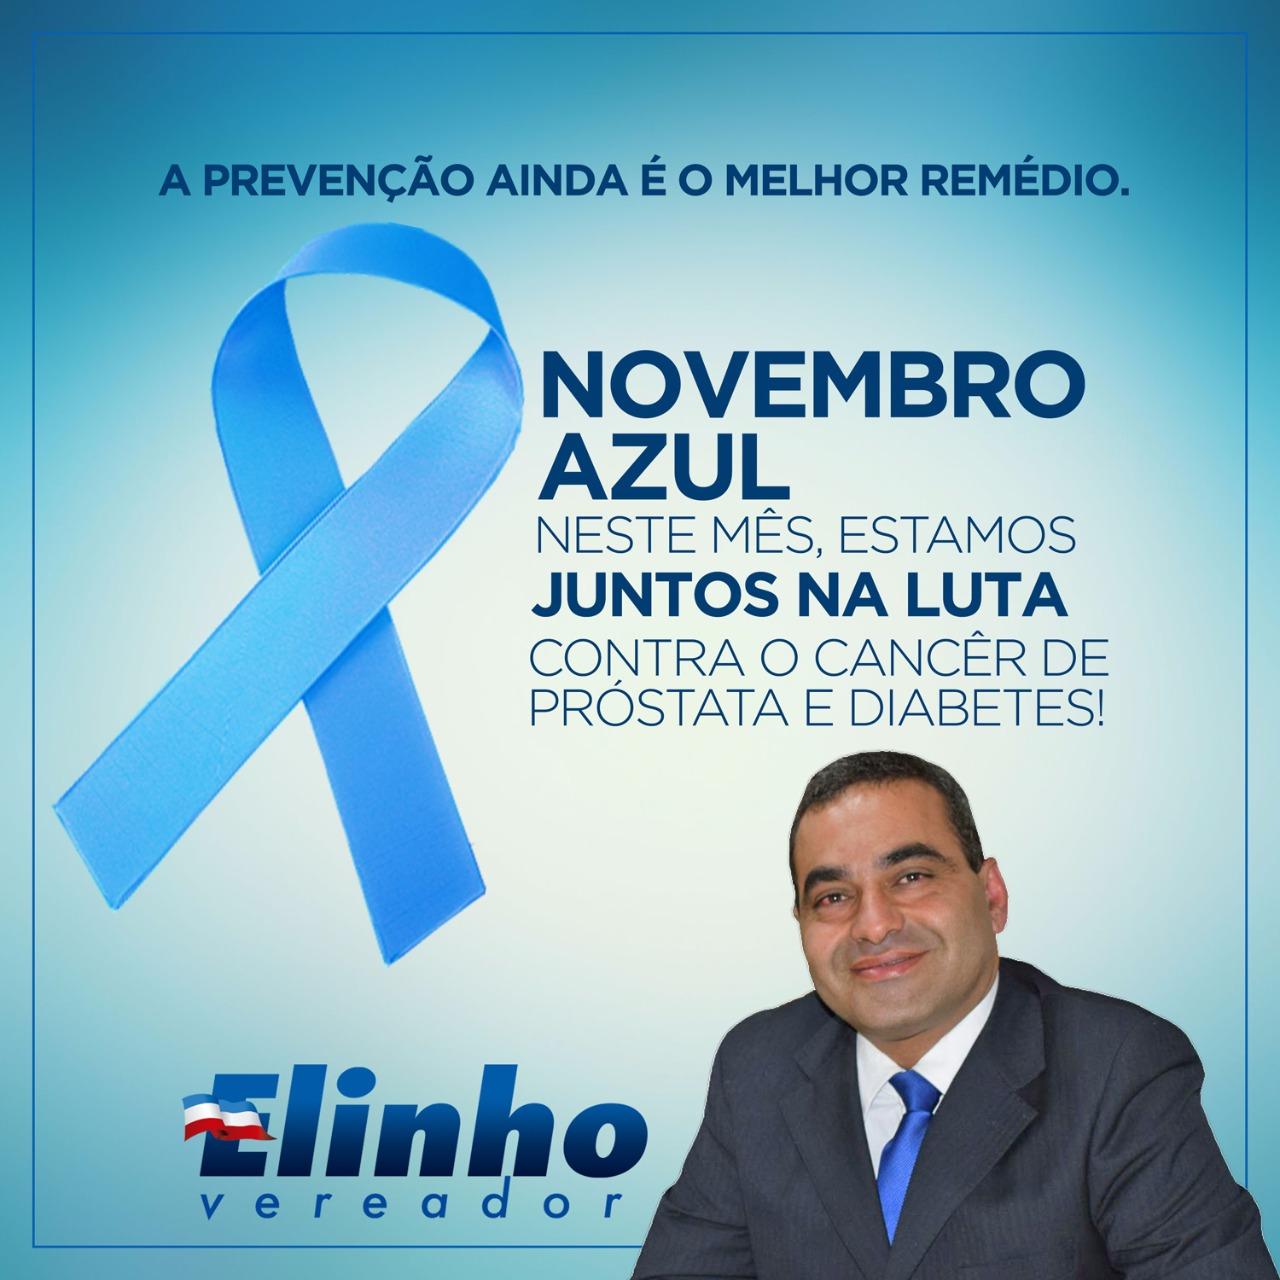 Vereador Elinho - Buerarema